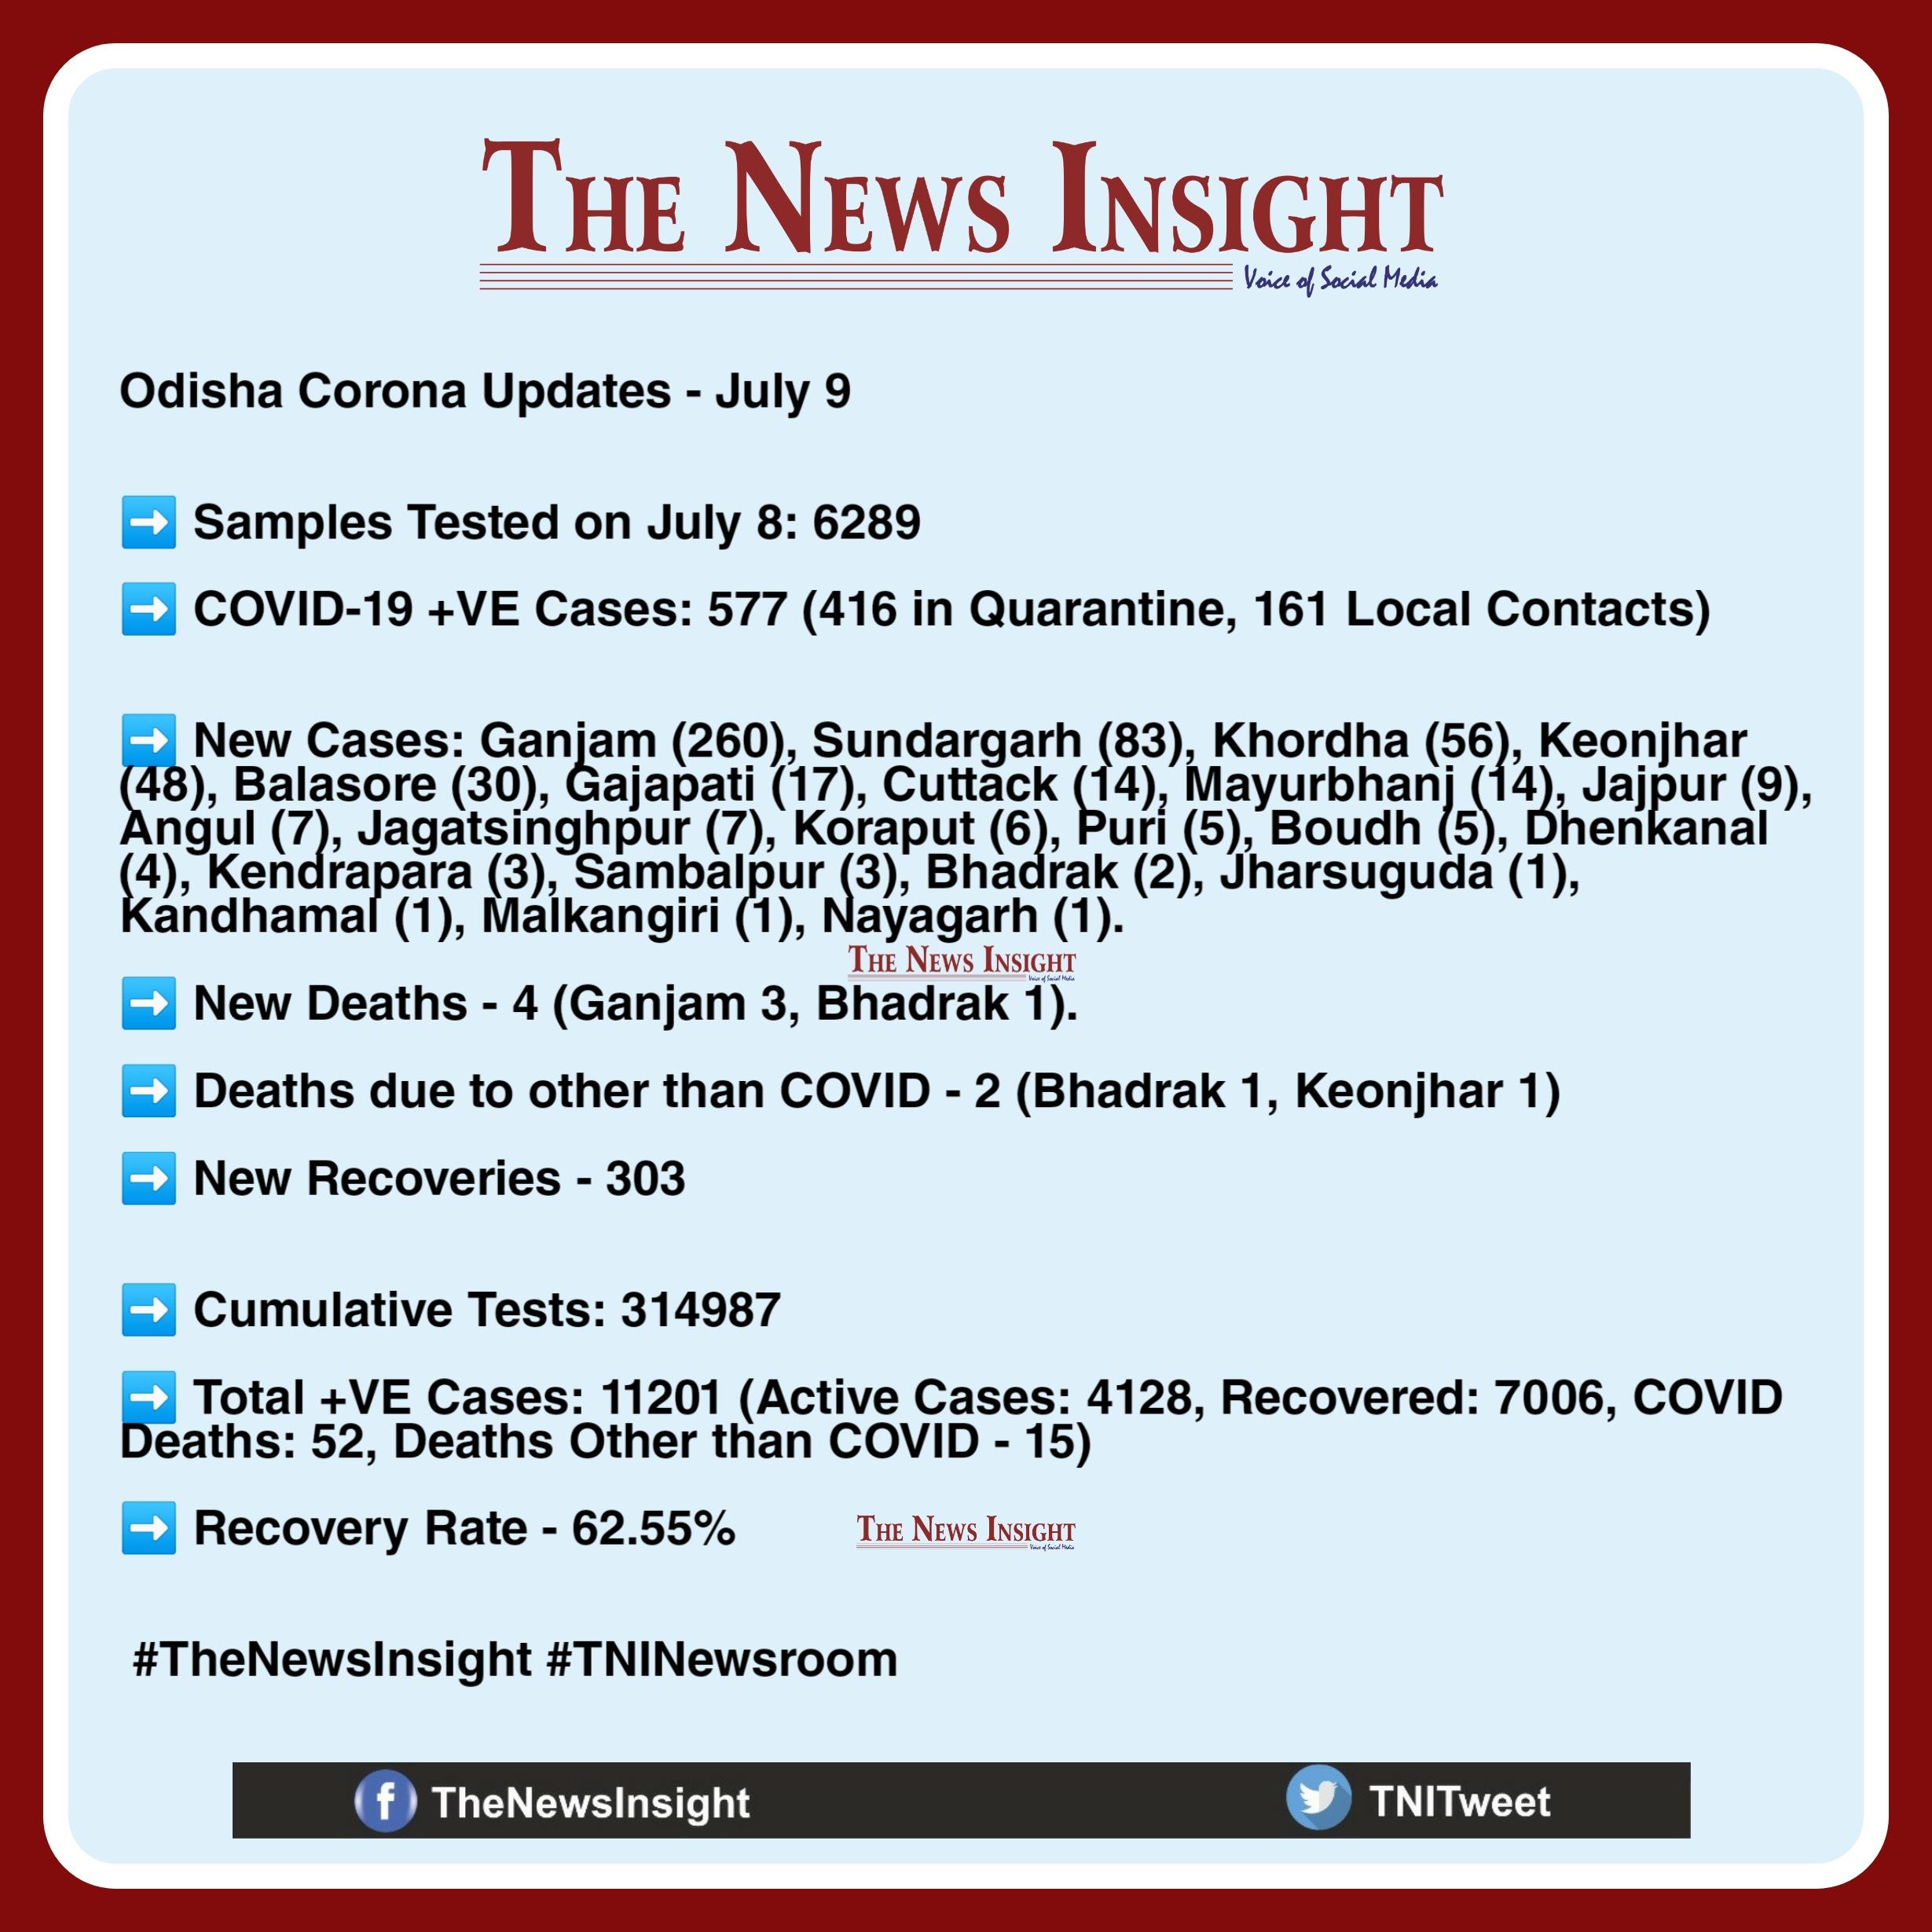 Odisha Corona News